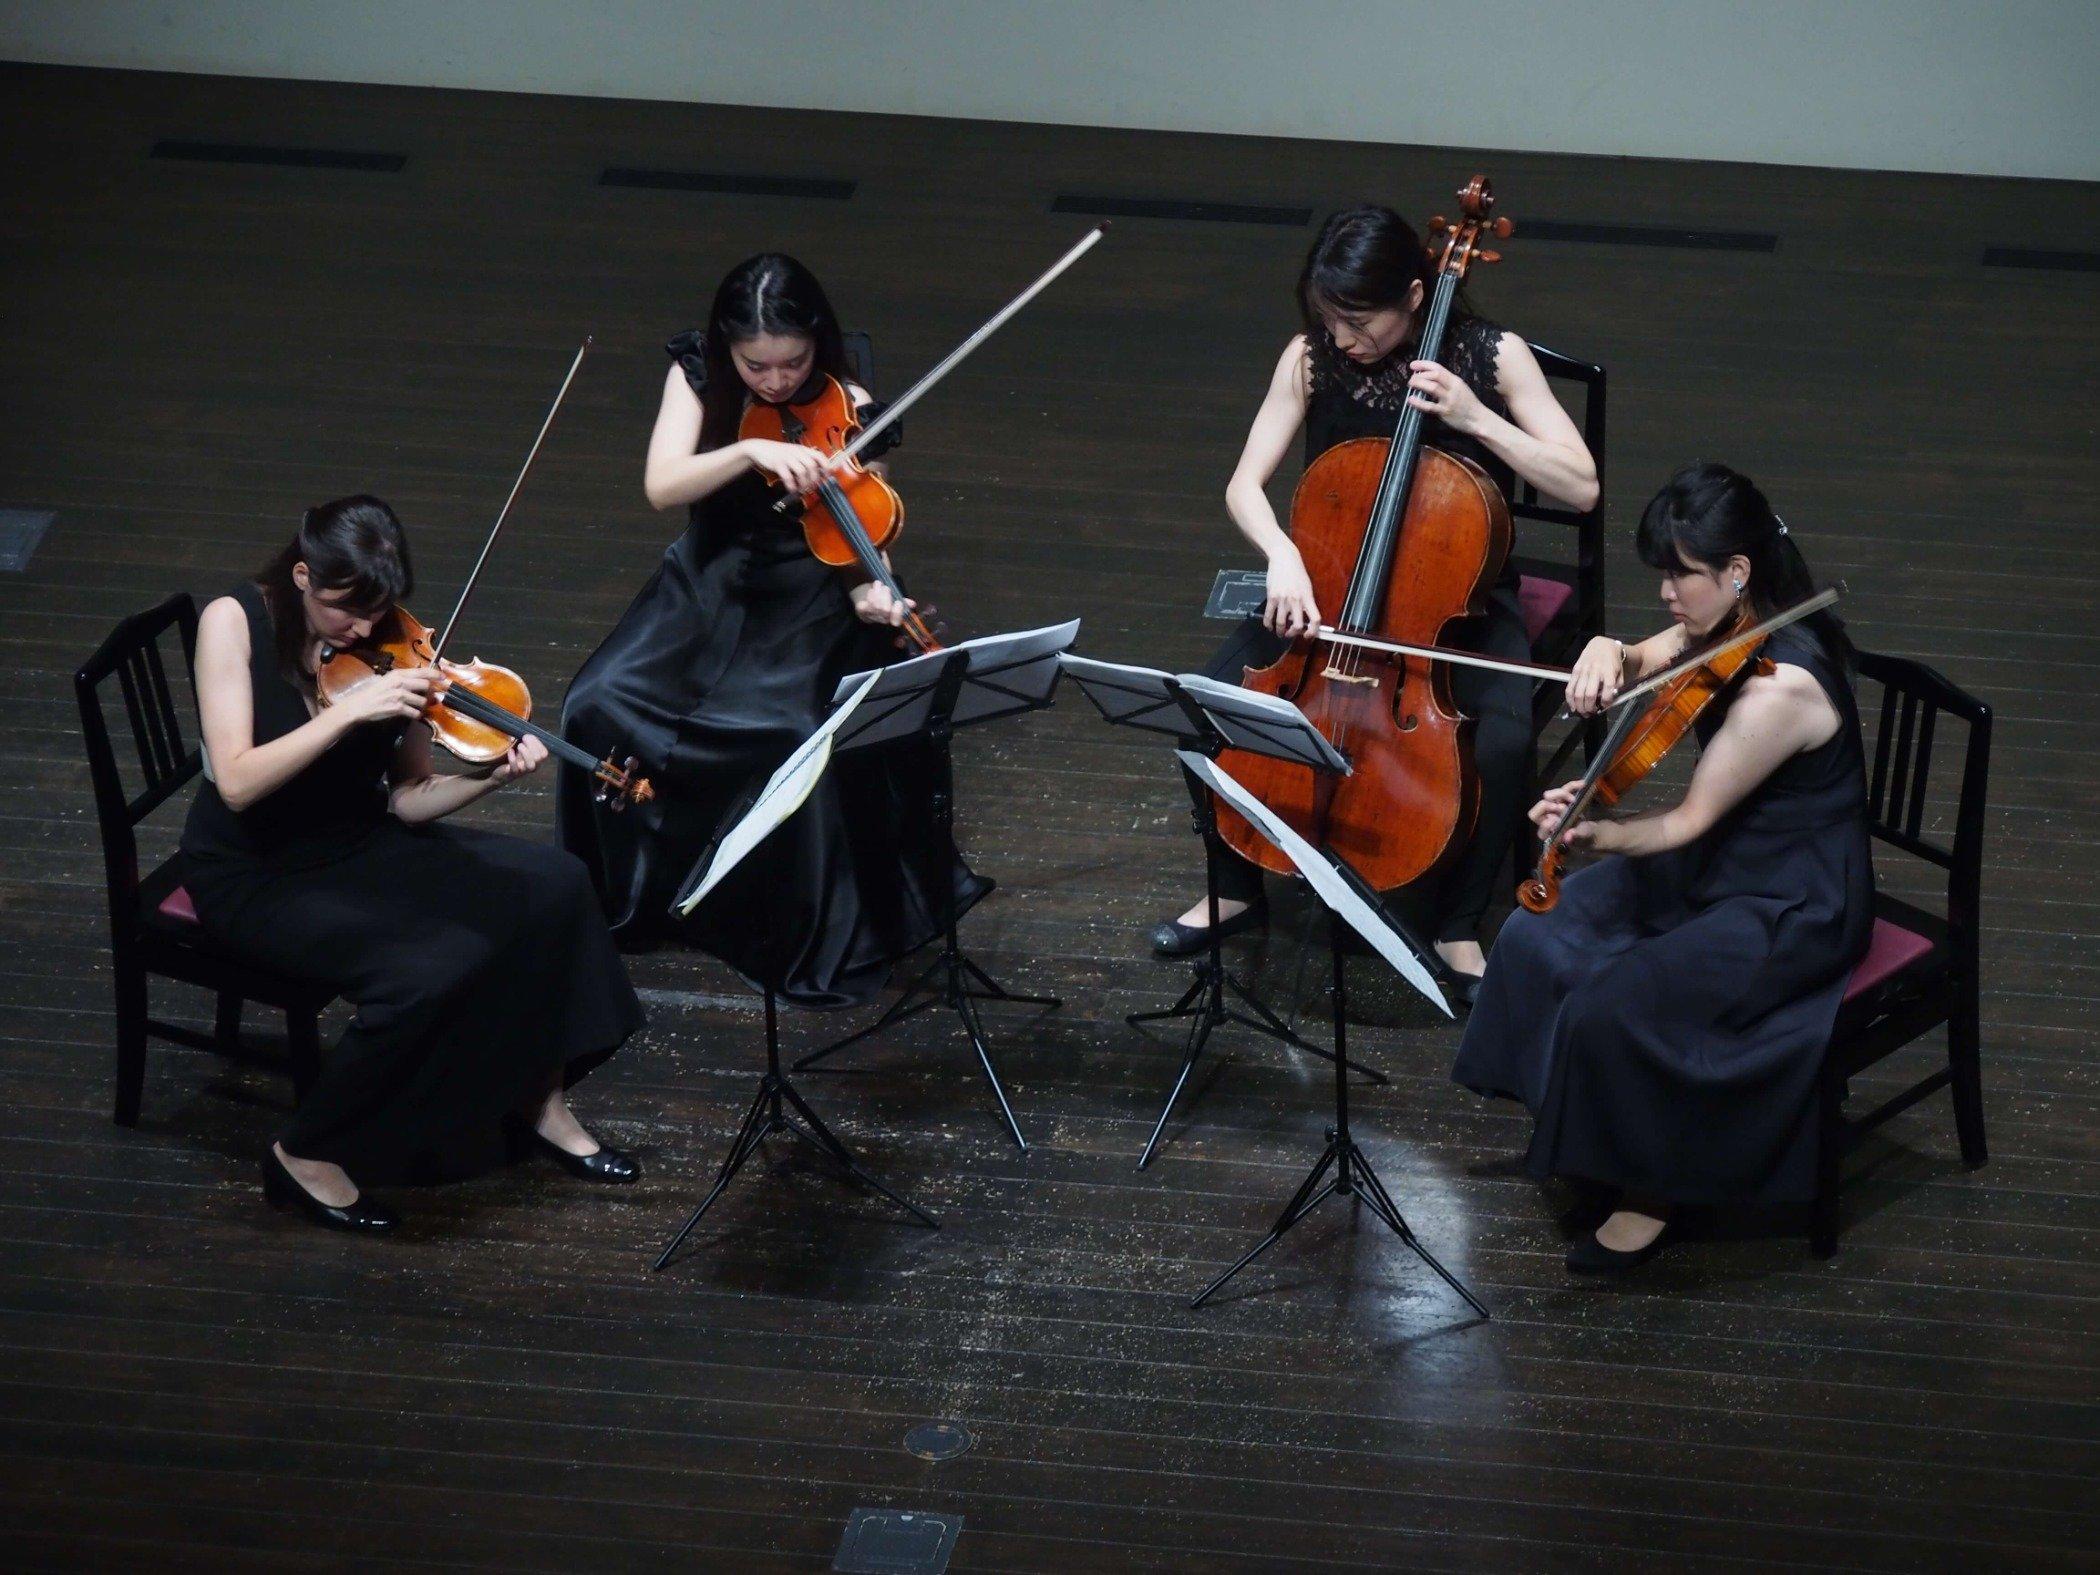 宗次ホール 弦楽四重奏コンクール | 弦楽四重奏コンクールの概要 ...